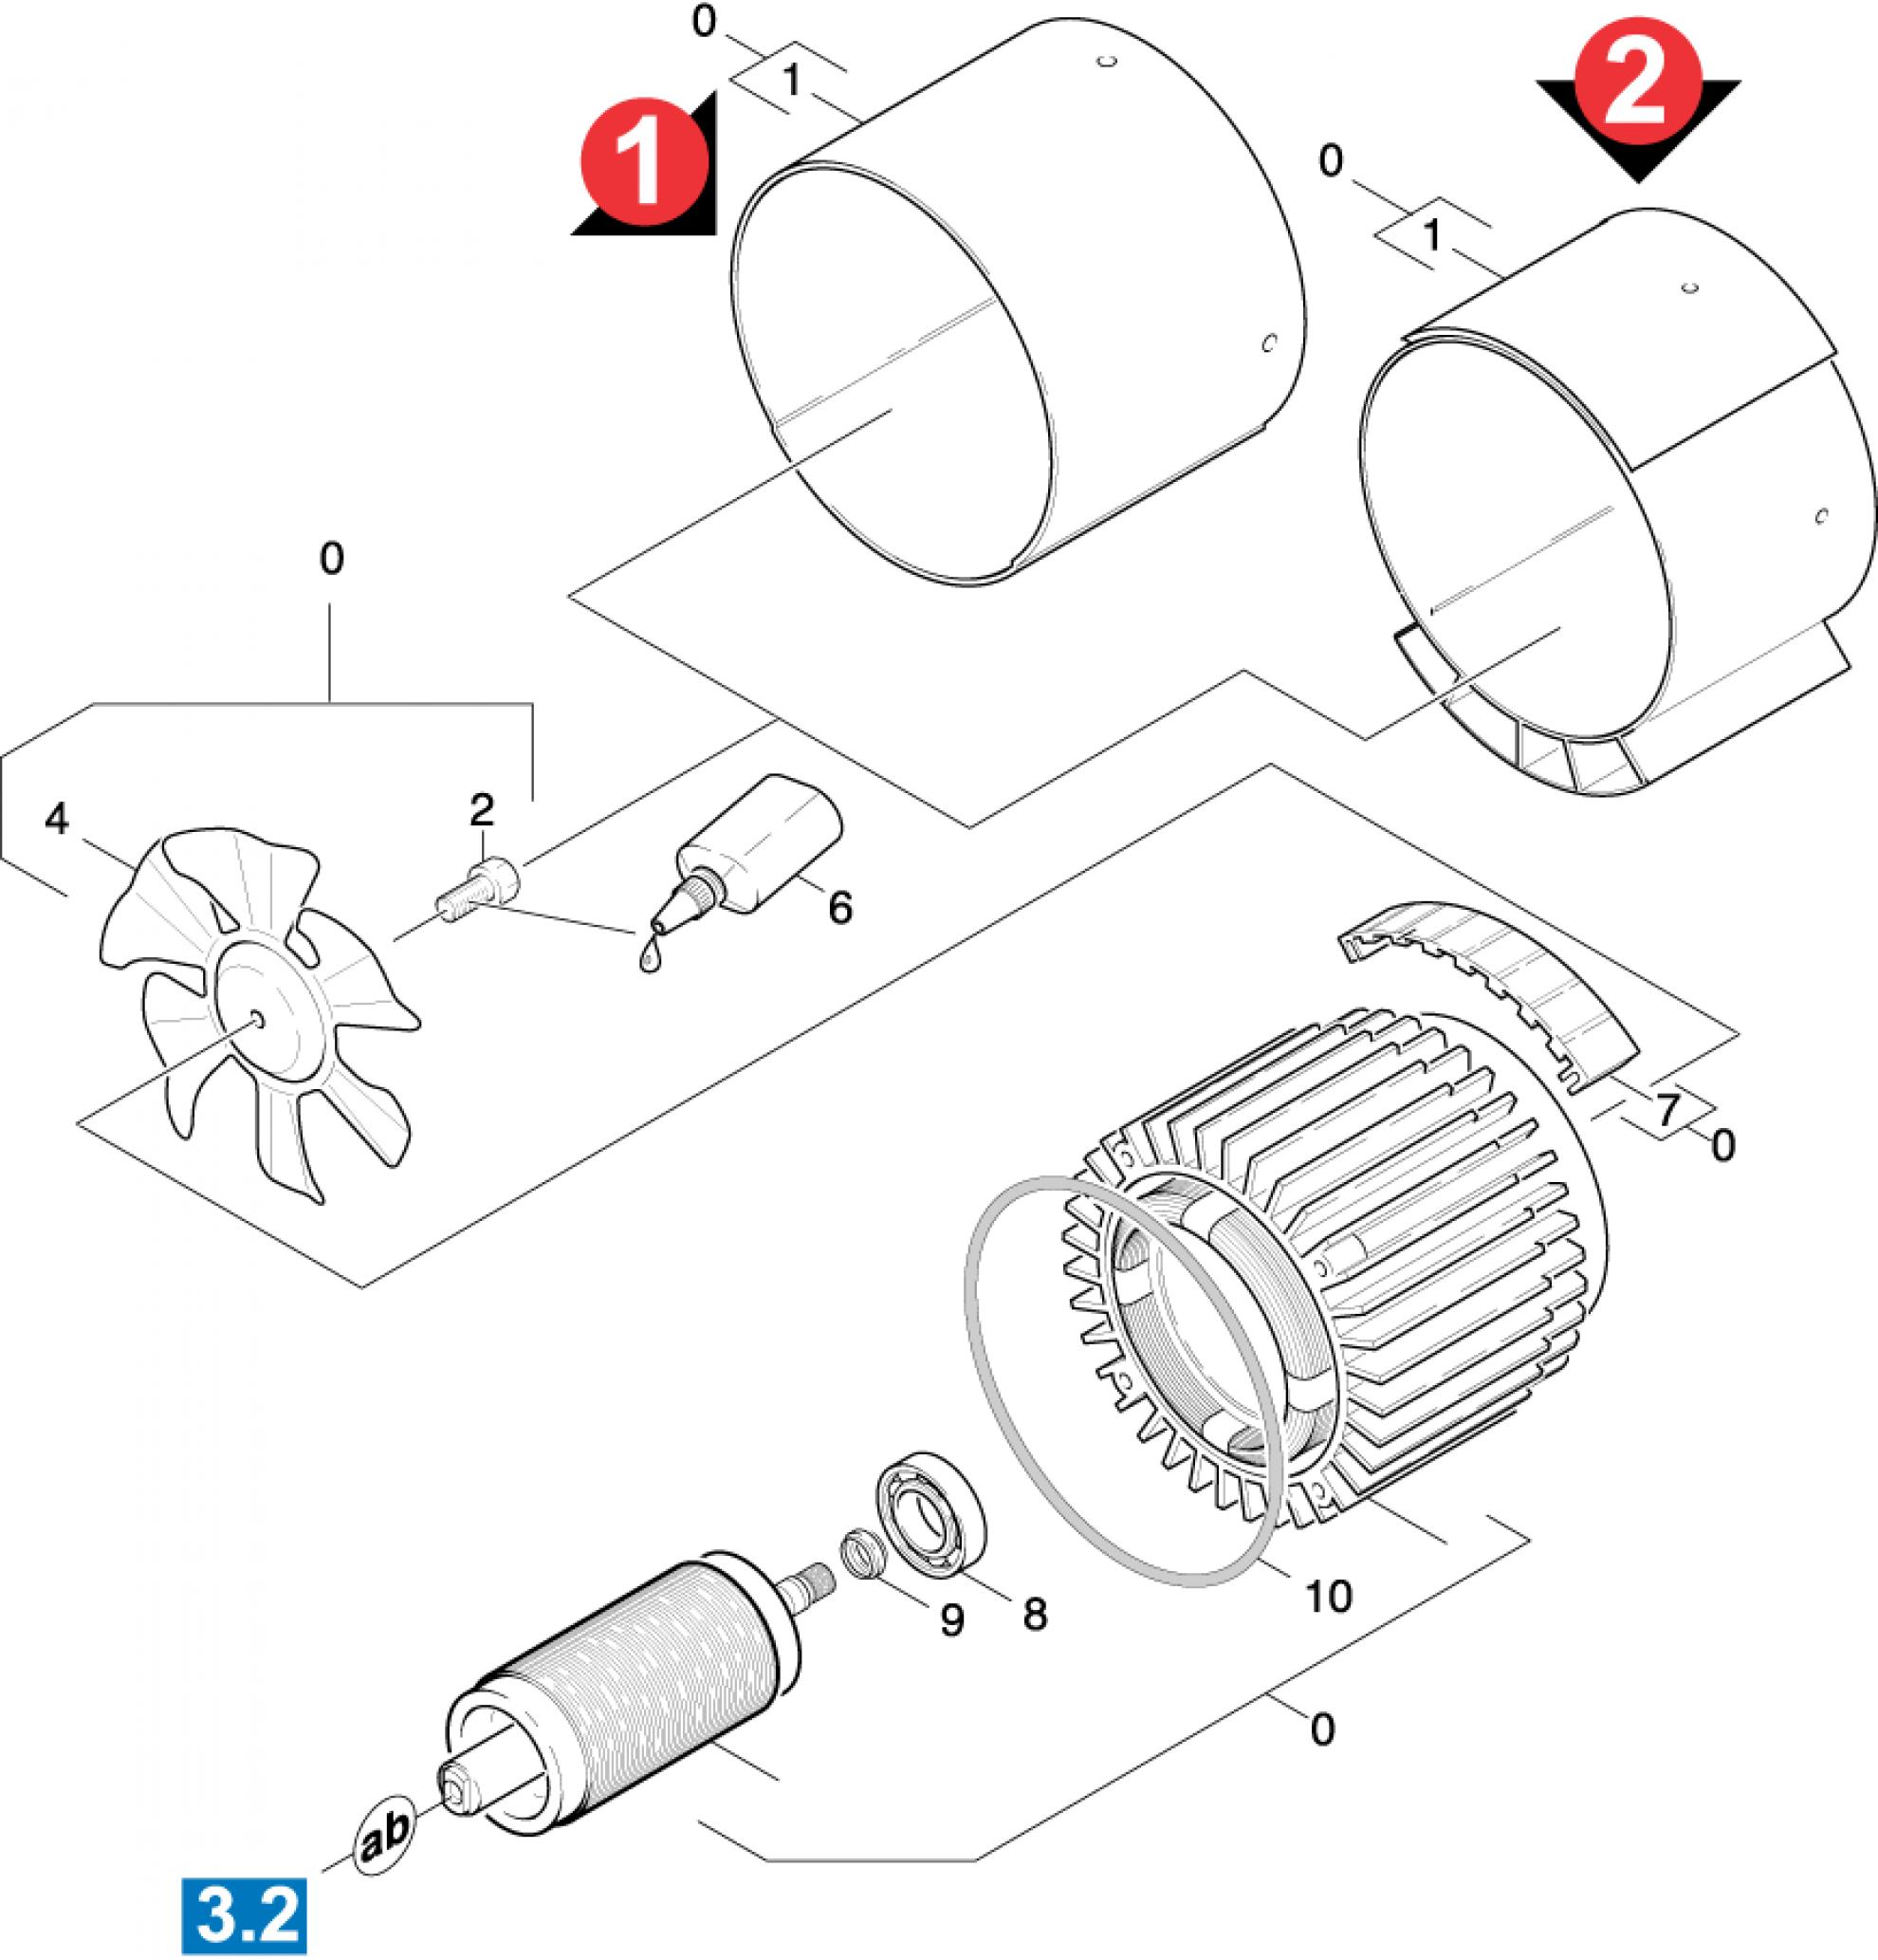 Pi ces d tach es nettoyeur haute pression karcher k 670 ms - Pieces detachees karcher ...